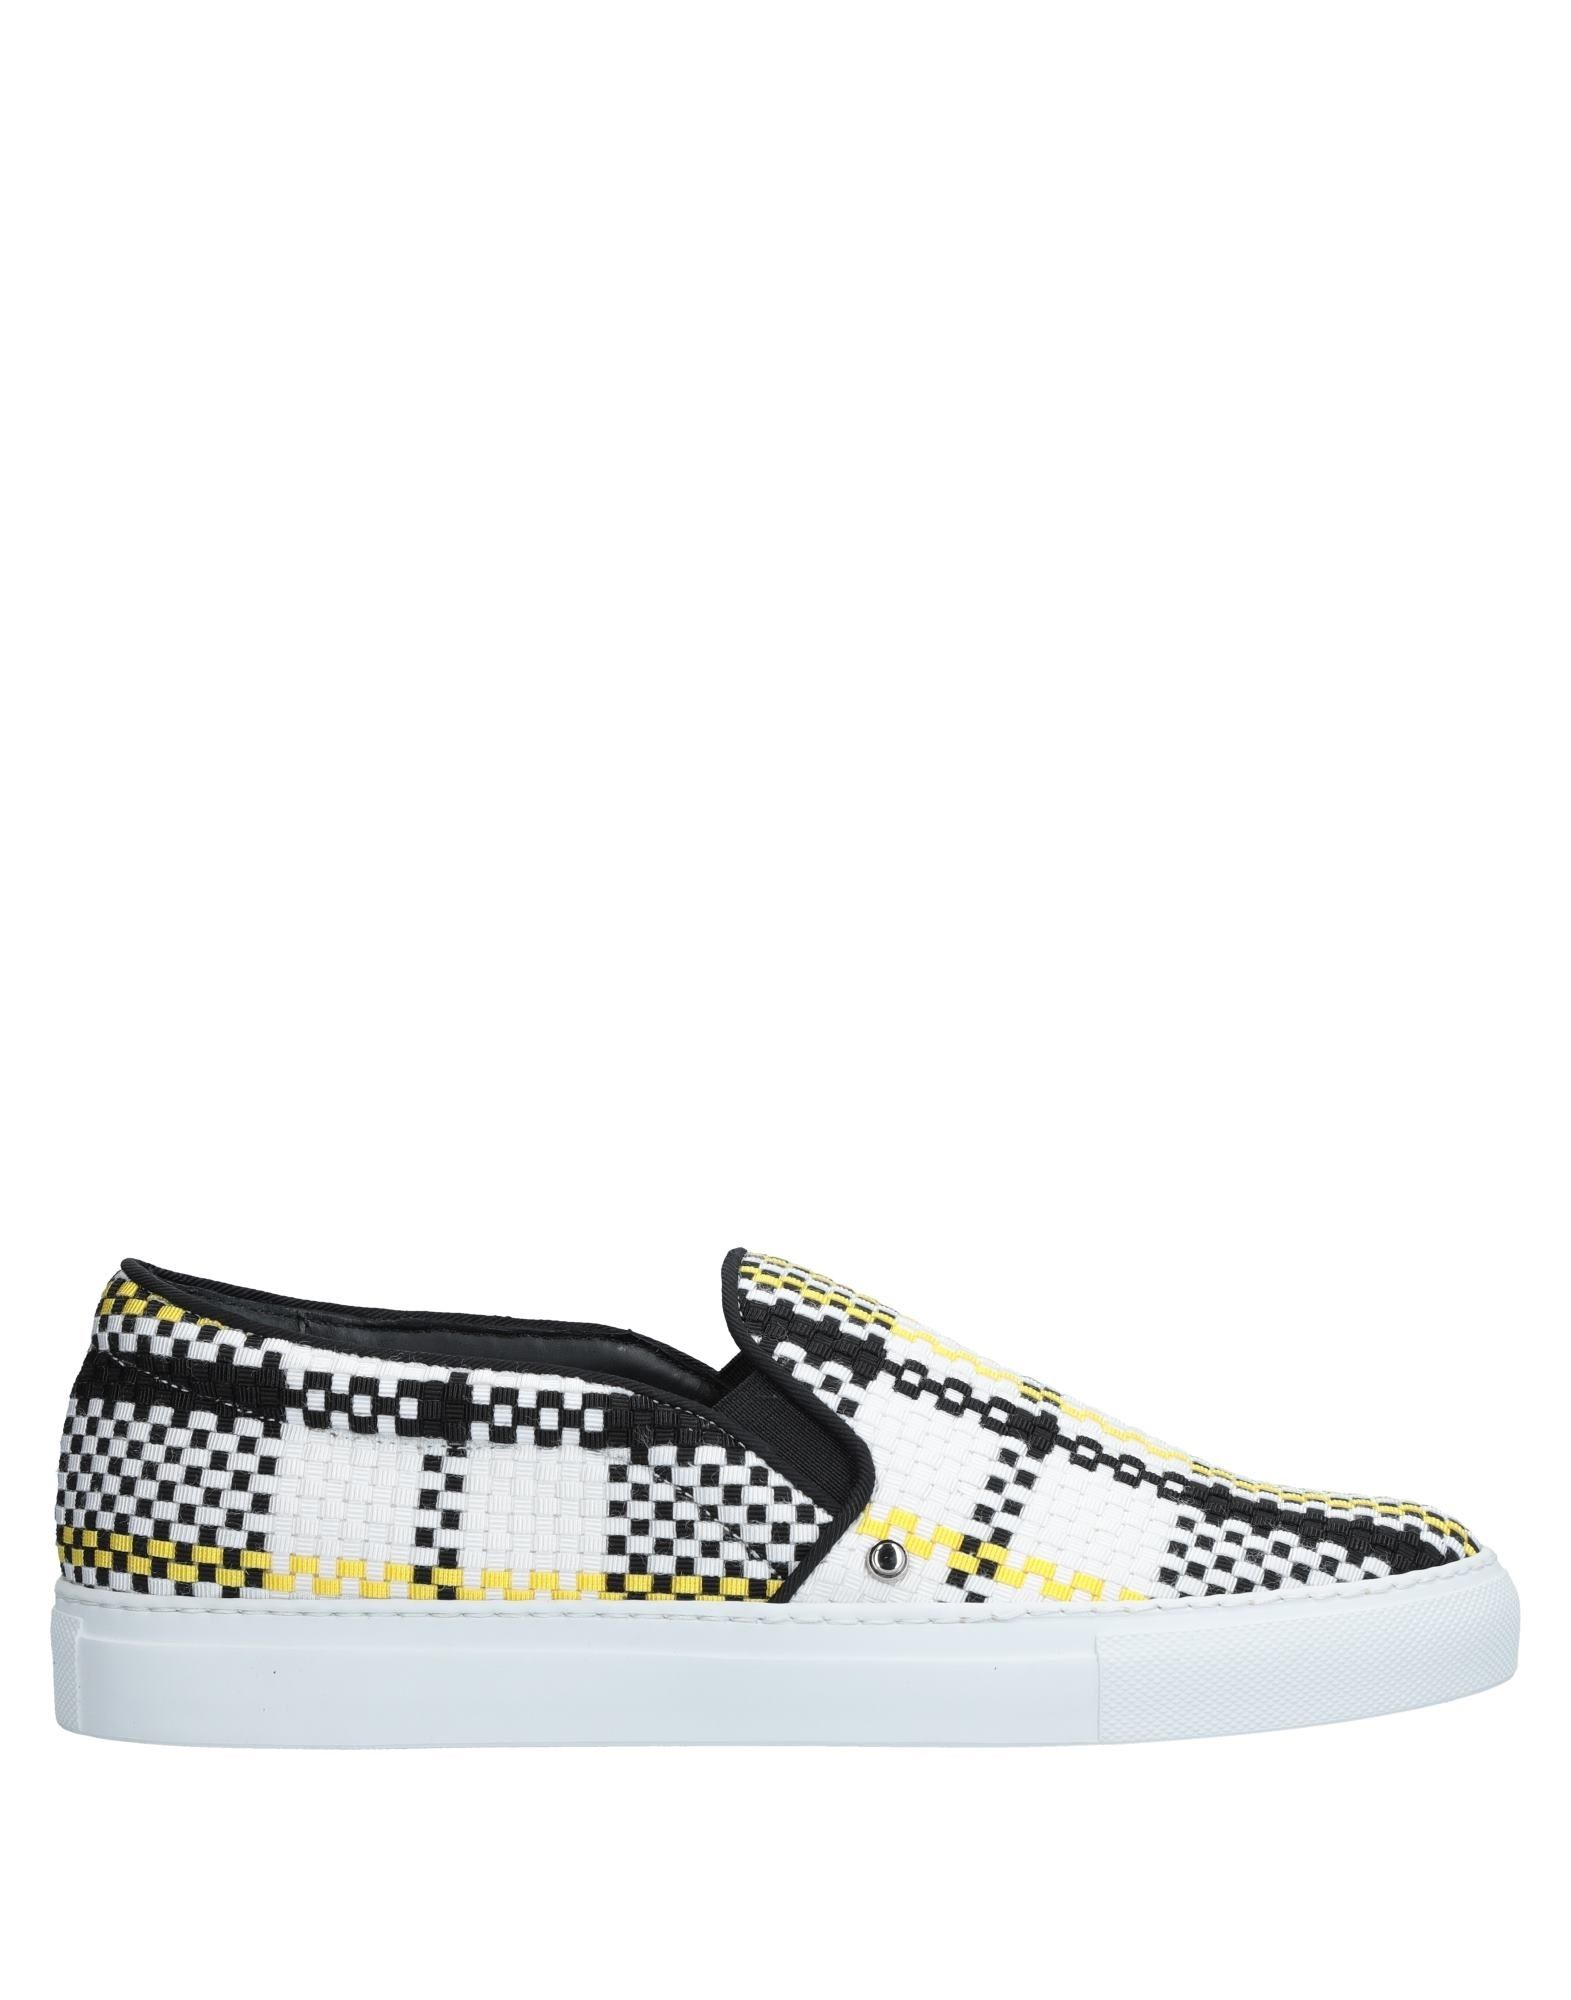 Louis Leeman Leeman Sneakers - Men Louis Leeman Leeman Sneakers online on  Canada - 11542186PE 195bcc